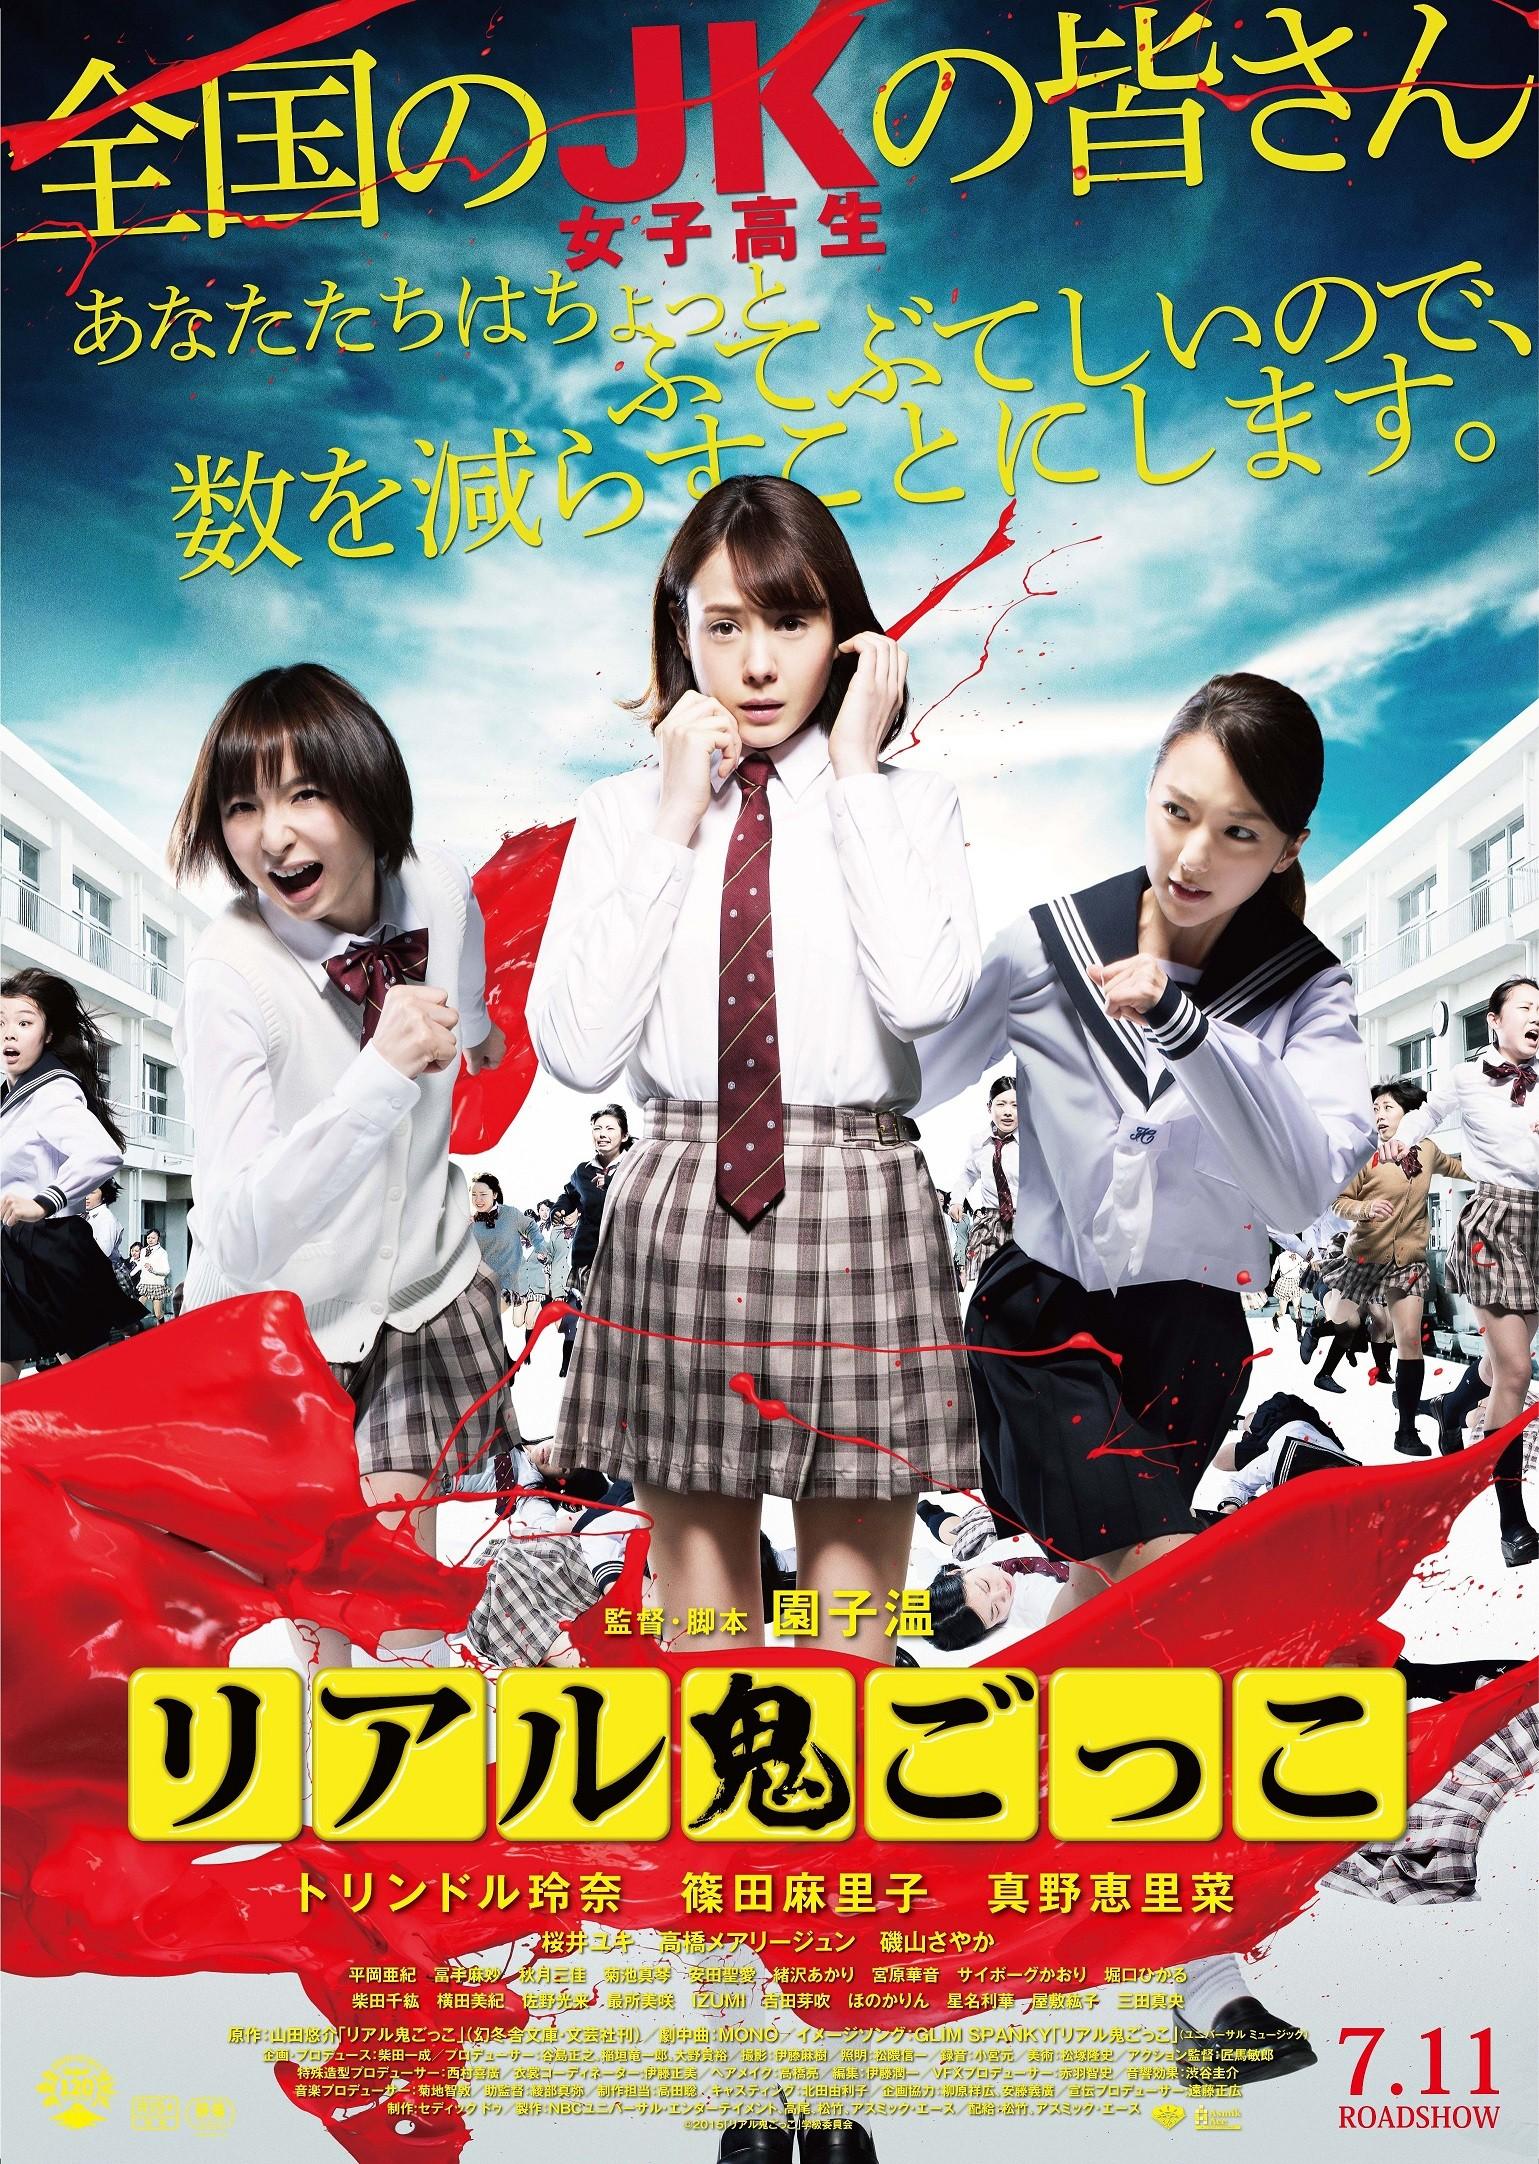 20151221.M2.02 Tag (Riaru Onigokko) (2015)  (JPOP.ru) poster.jpg